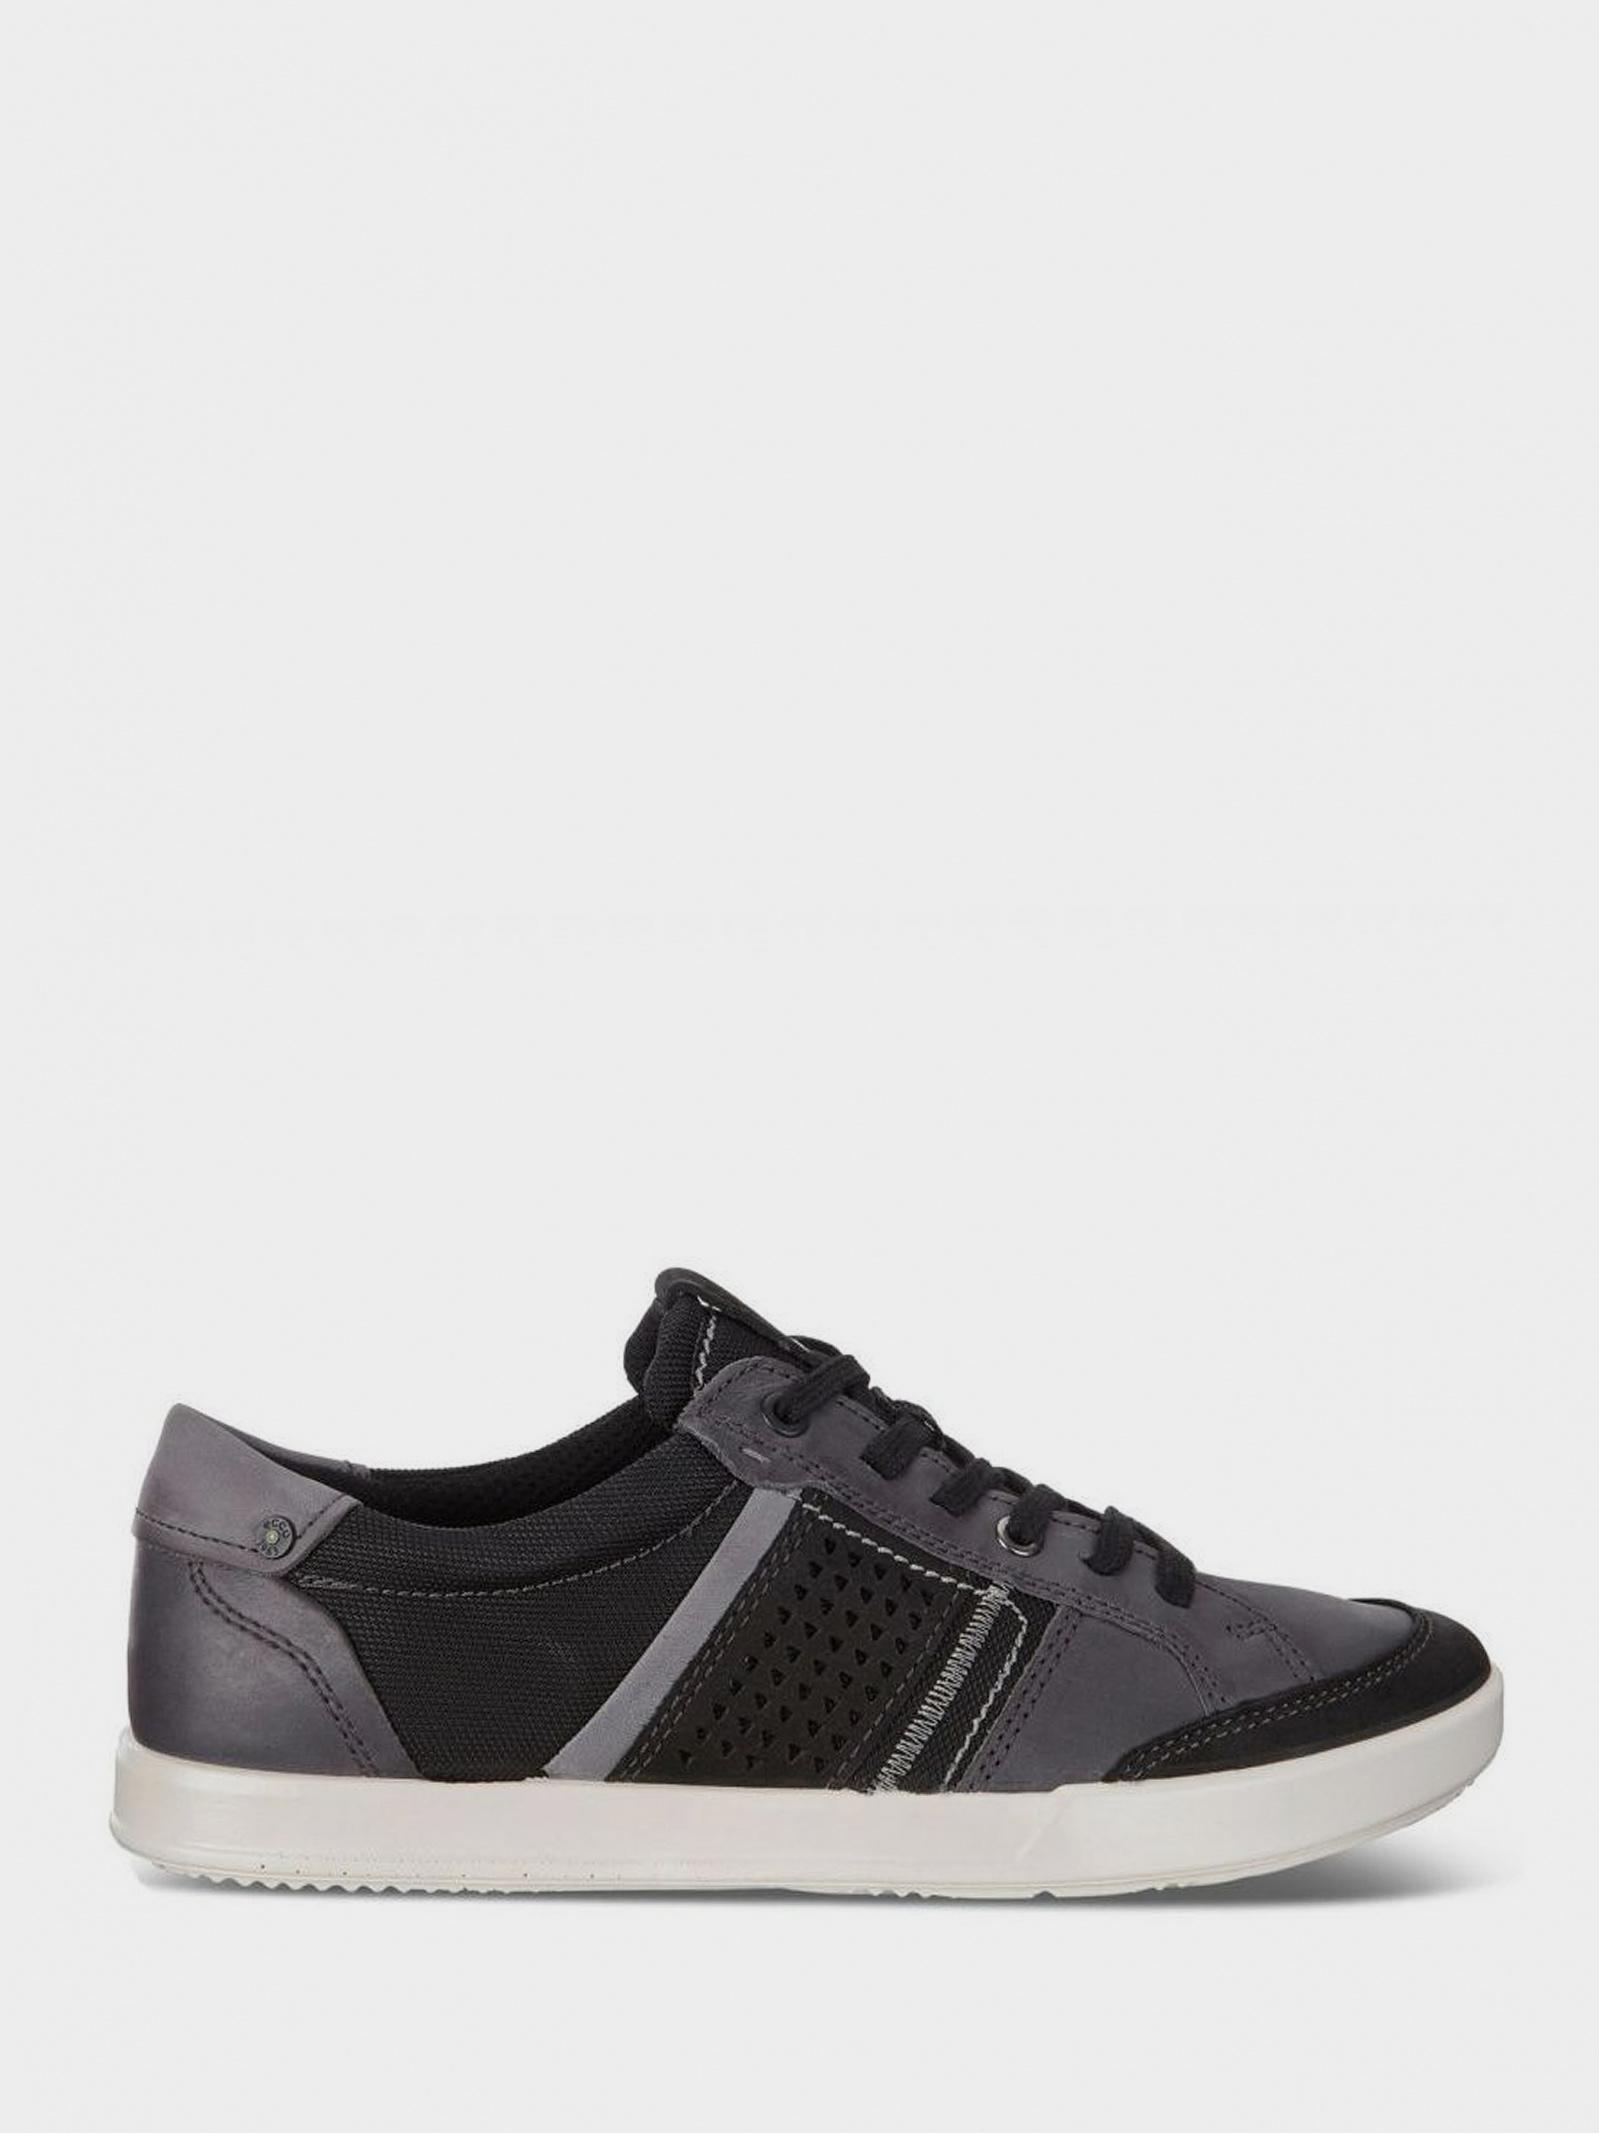 Полуботинки мужские ECCO COLLIN 2.0 536234(51052) брендовая обувь, 2017